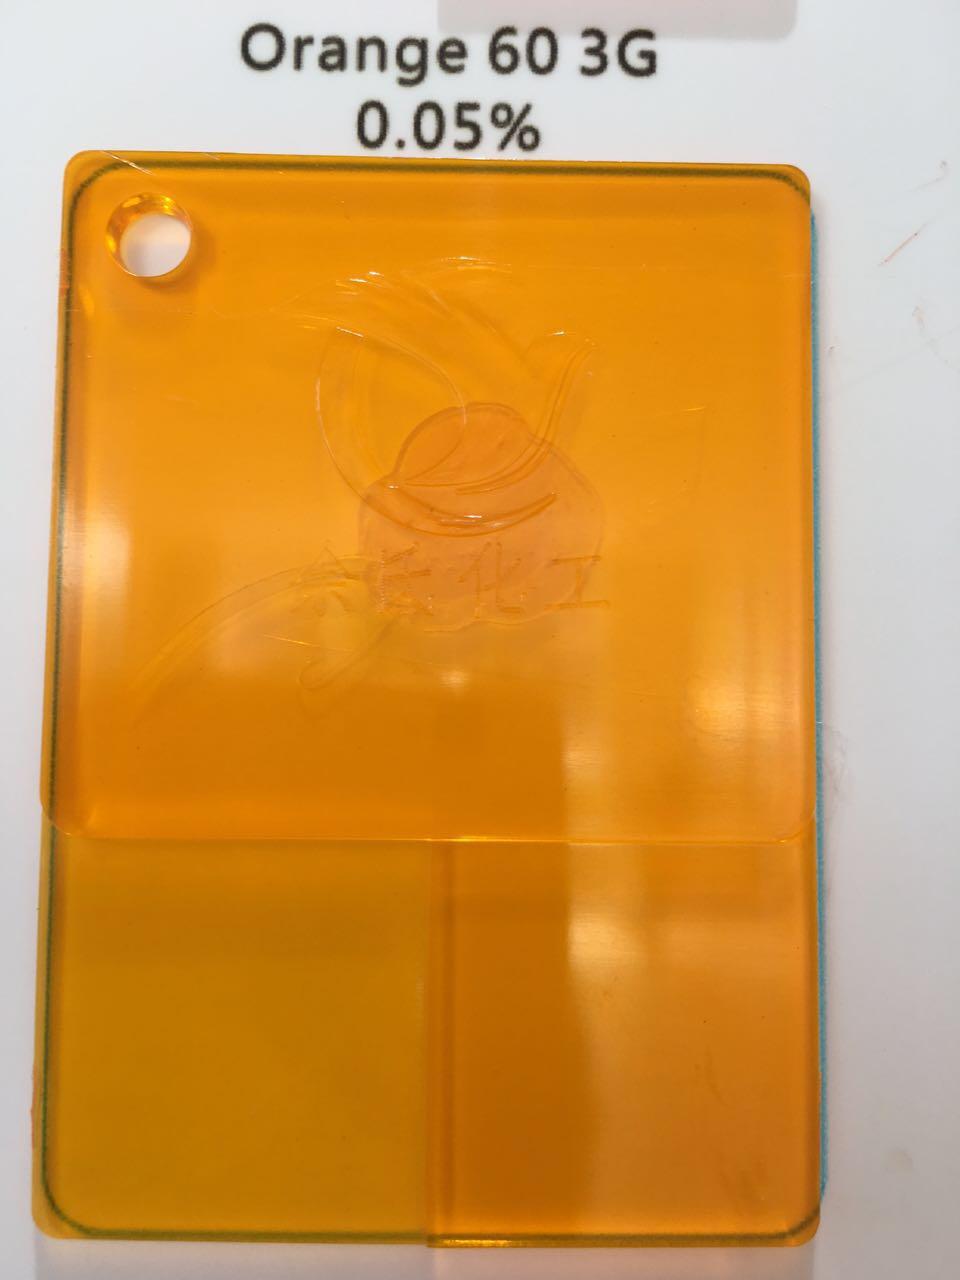 透明橙3G/60#橙/ 透明橙3G/60#橙/溶剂橙3G